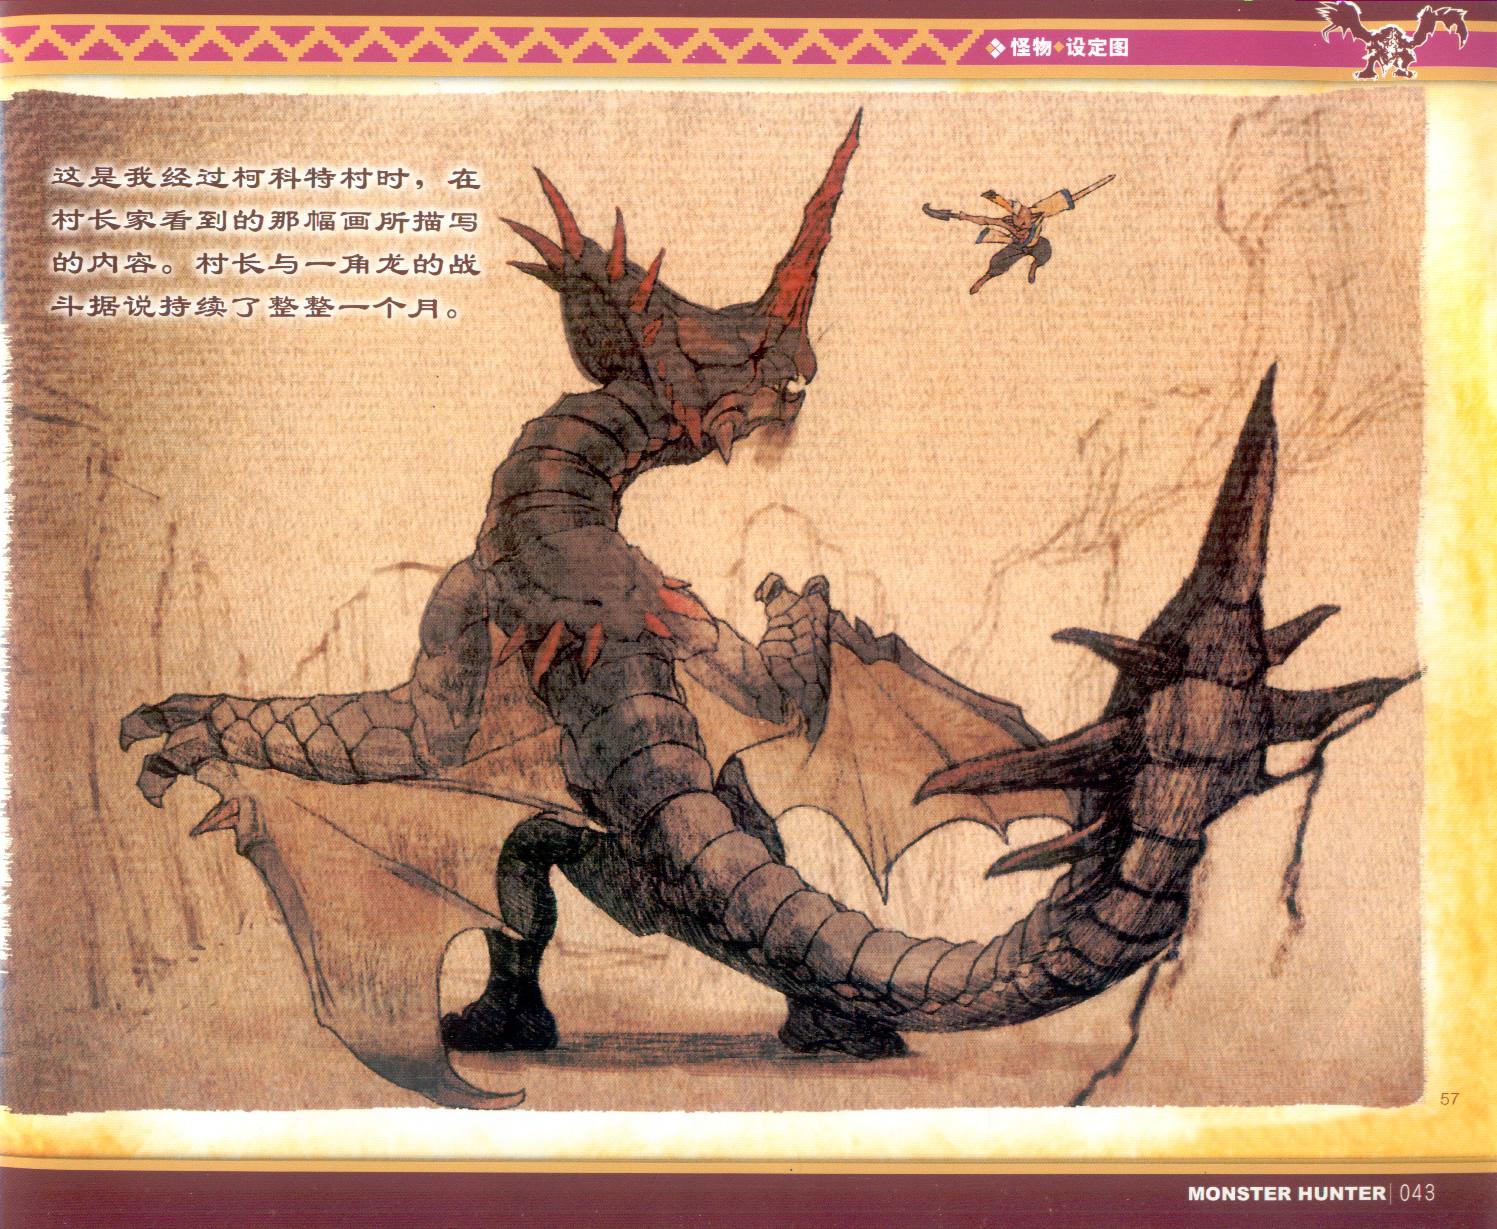 043_关注-游艺网GAME798海量资源下载怪物猎人终极画集.jpg